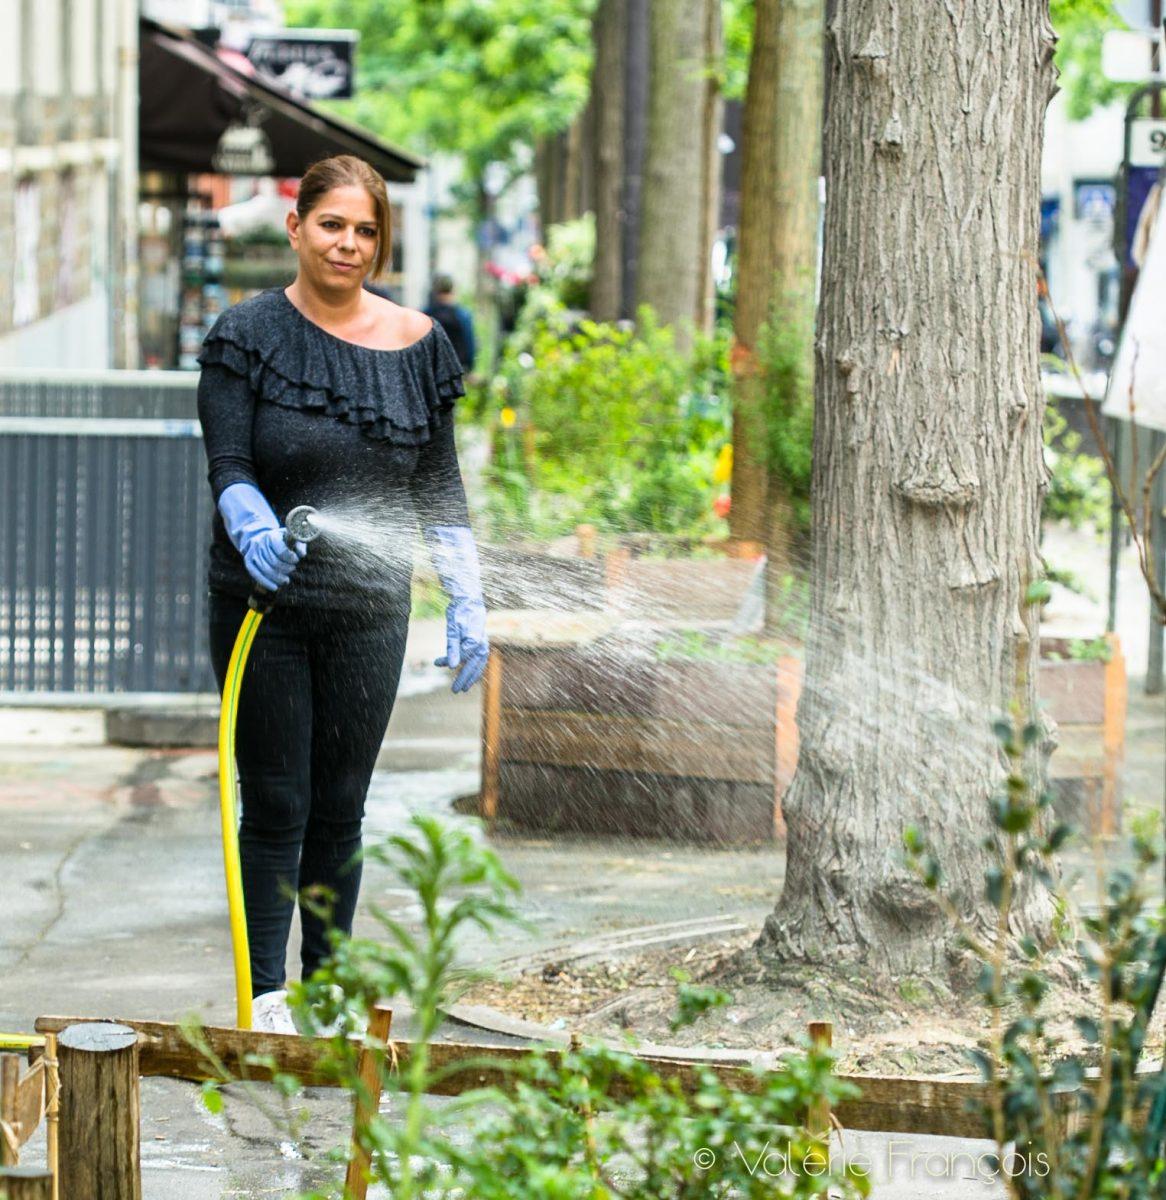 Végétalisation de Paris : Frédérique arrose les pieds d'arbre végétalisés rue des Pyrénées